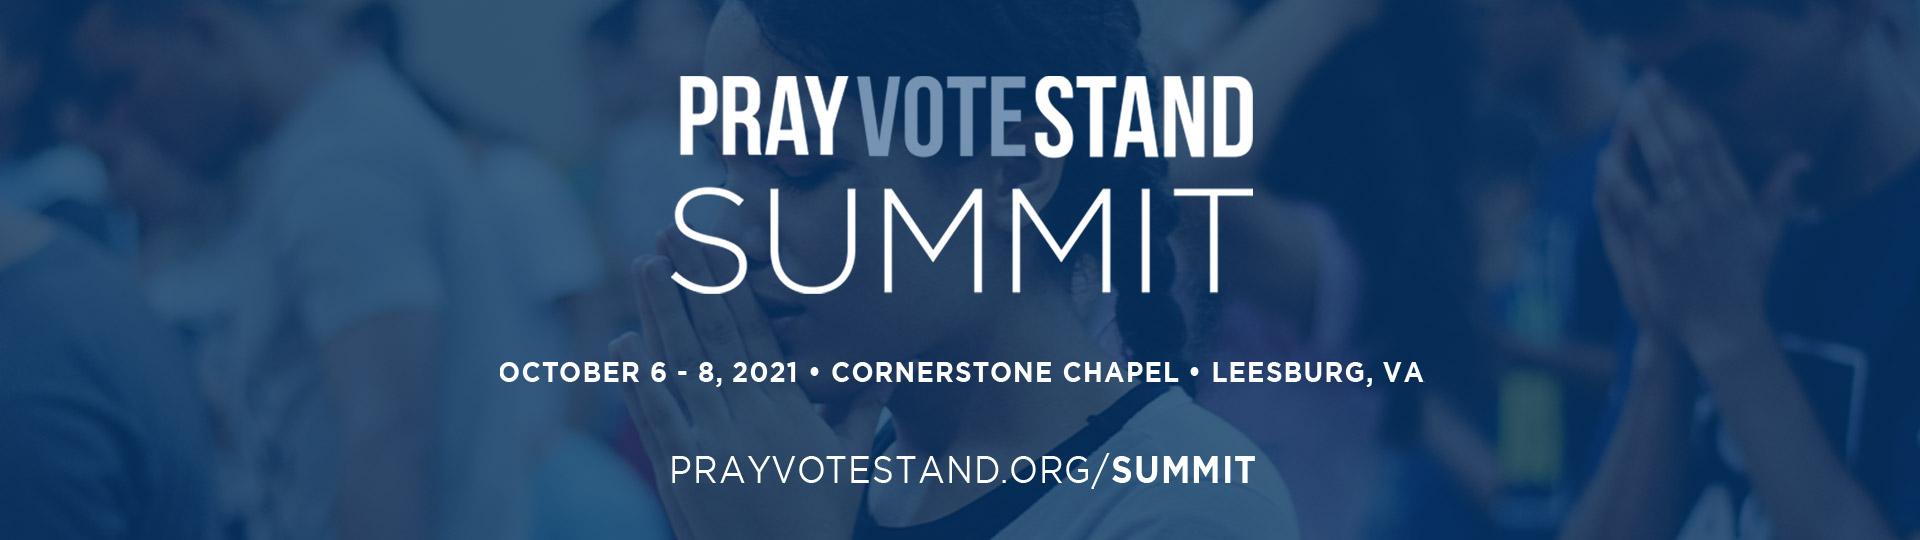 Pray Vote Stand Summit